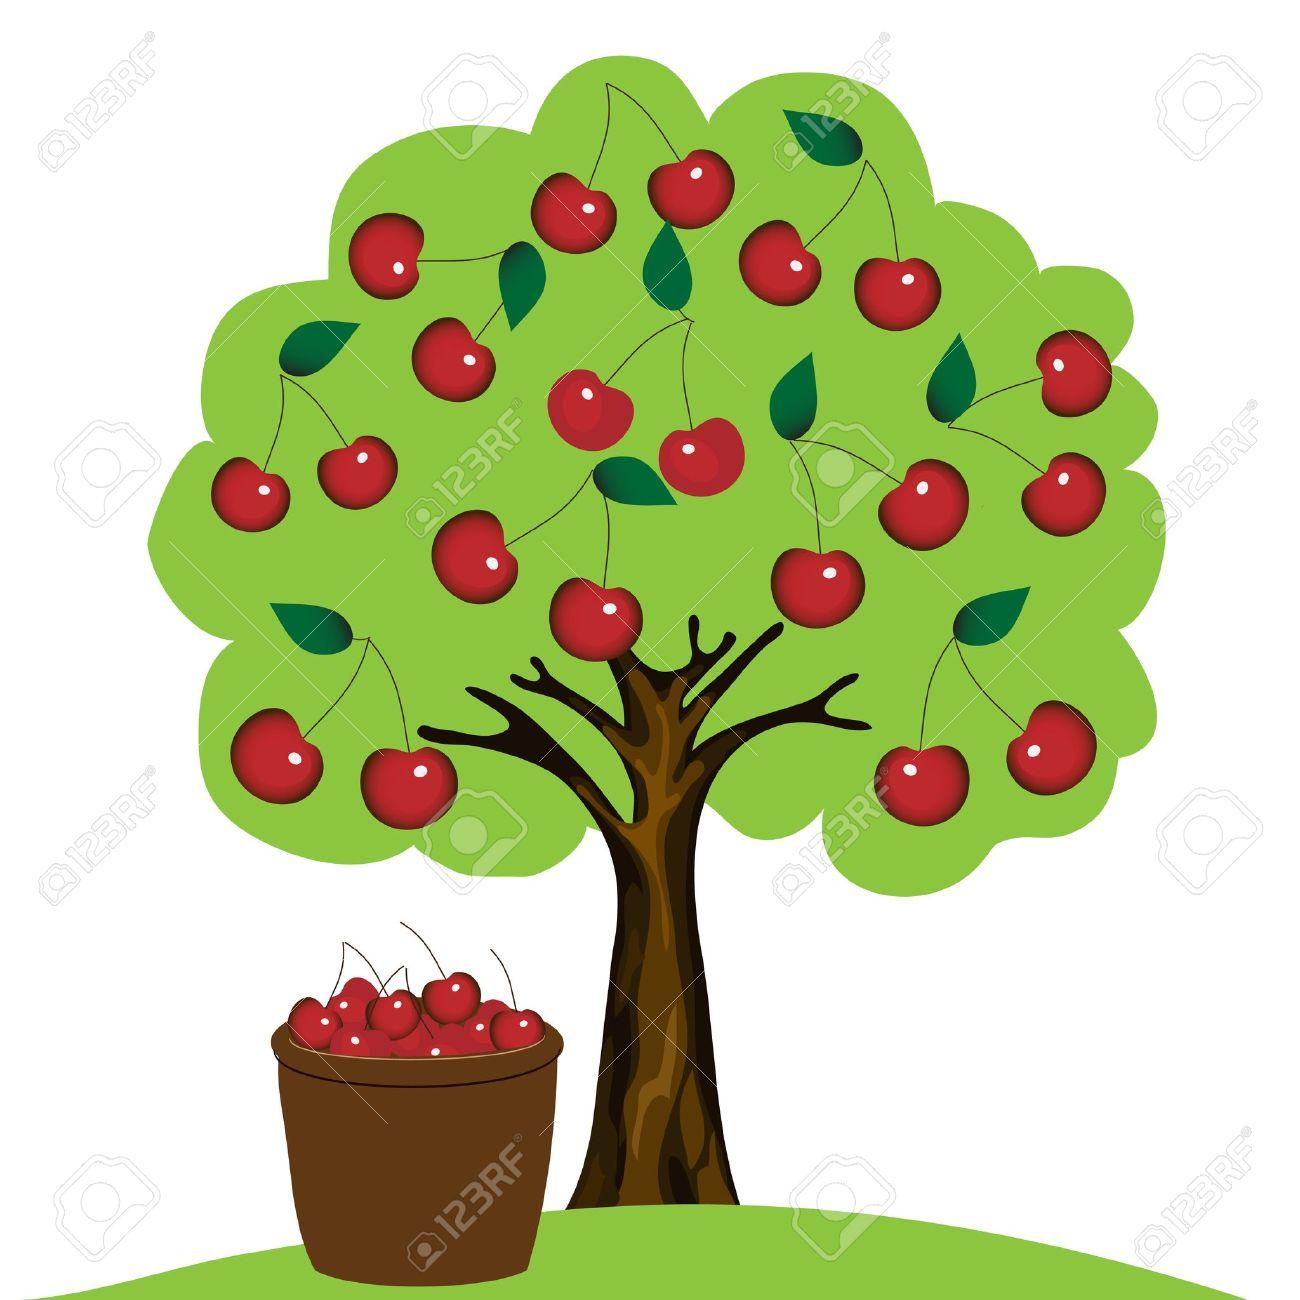 Fruit Bearing Stock Photos Images. Royalty Free Fruit Bearing ...